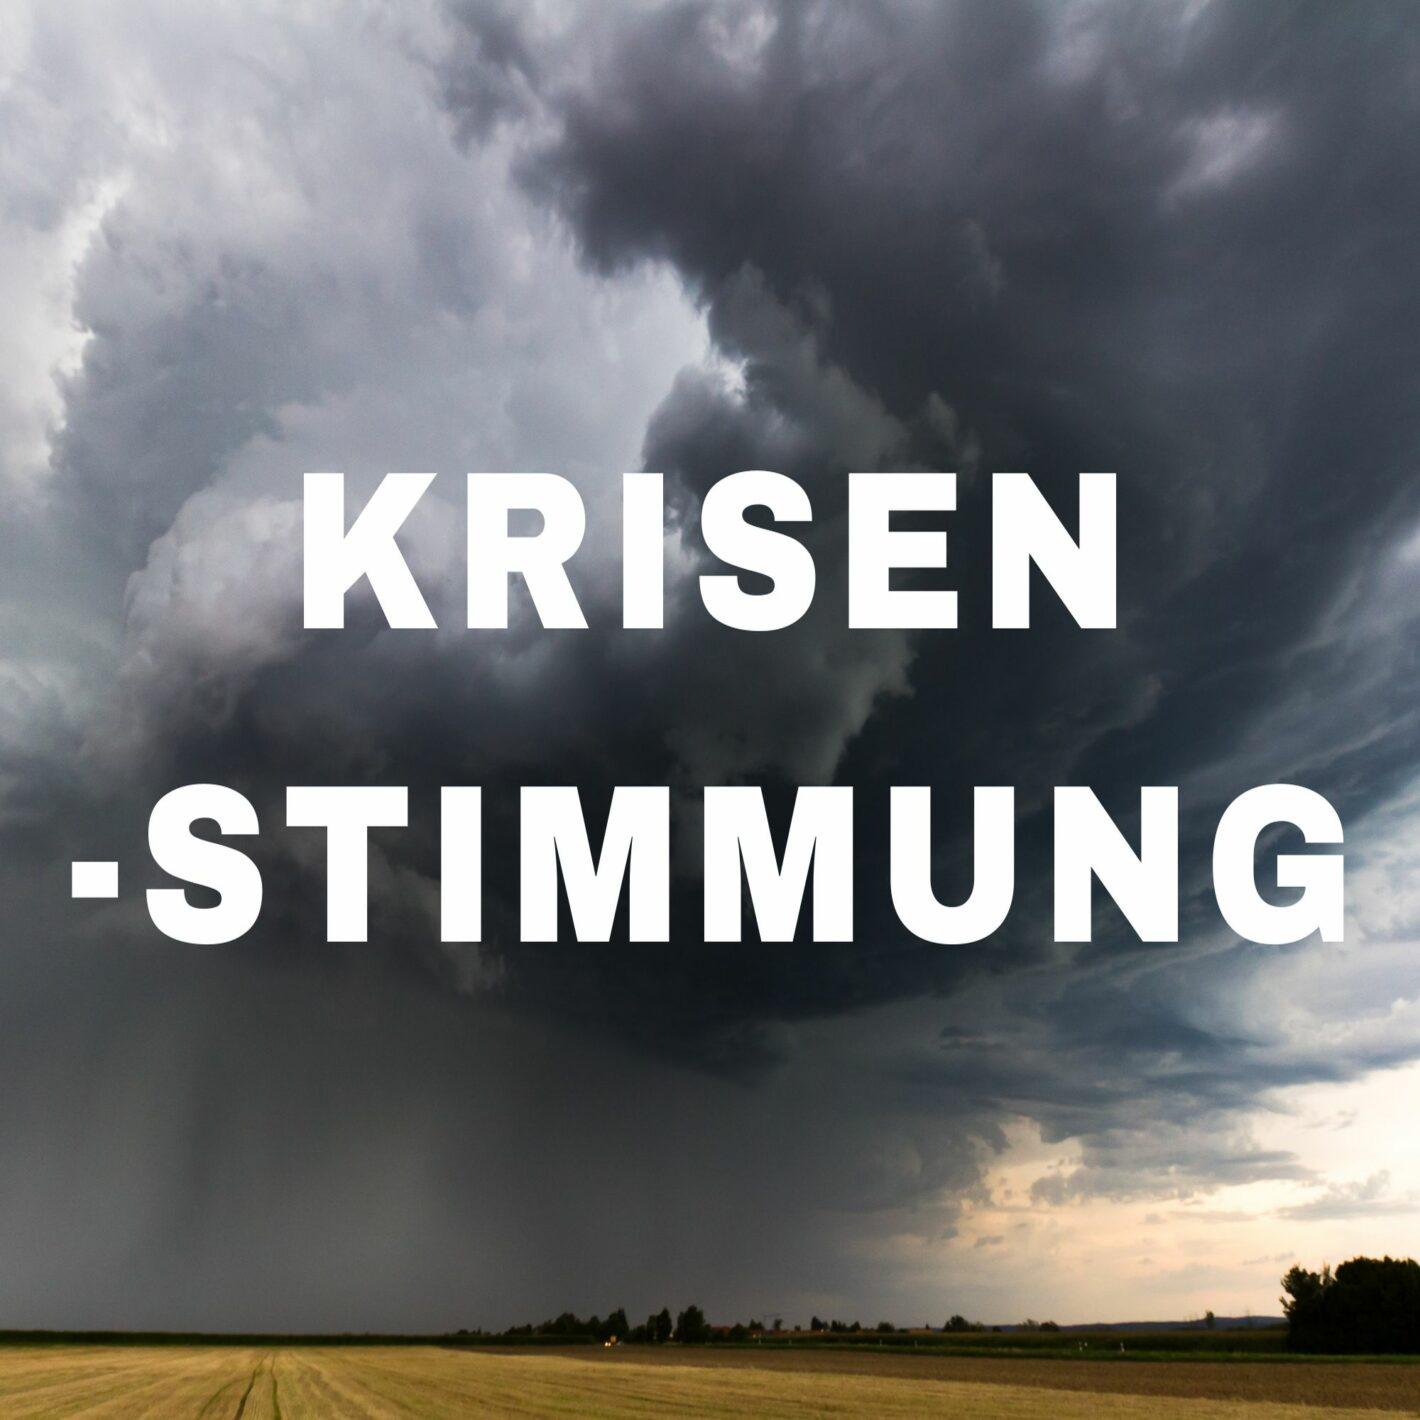 """Das Wort """"Krisenstimmung"""" vor einem düstern Hintergrund"""